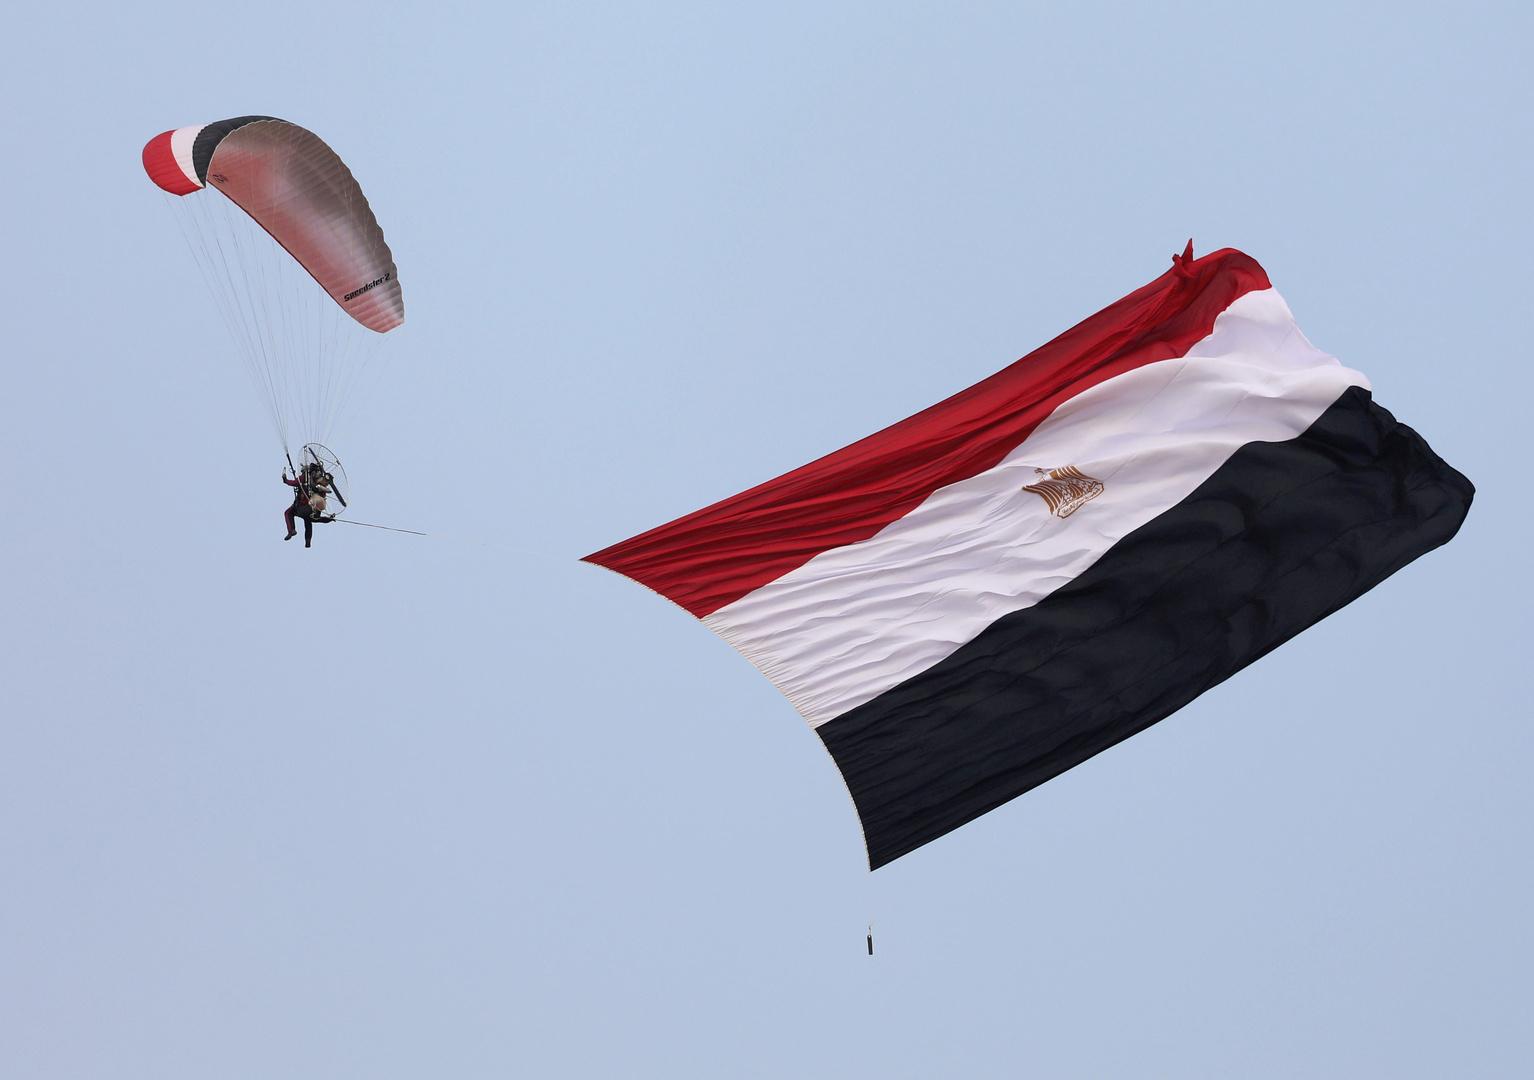 وفاة أشهر كومبارس كوميدي في السينما بمصر (صورة)